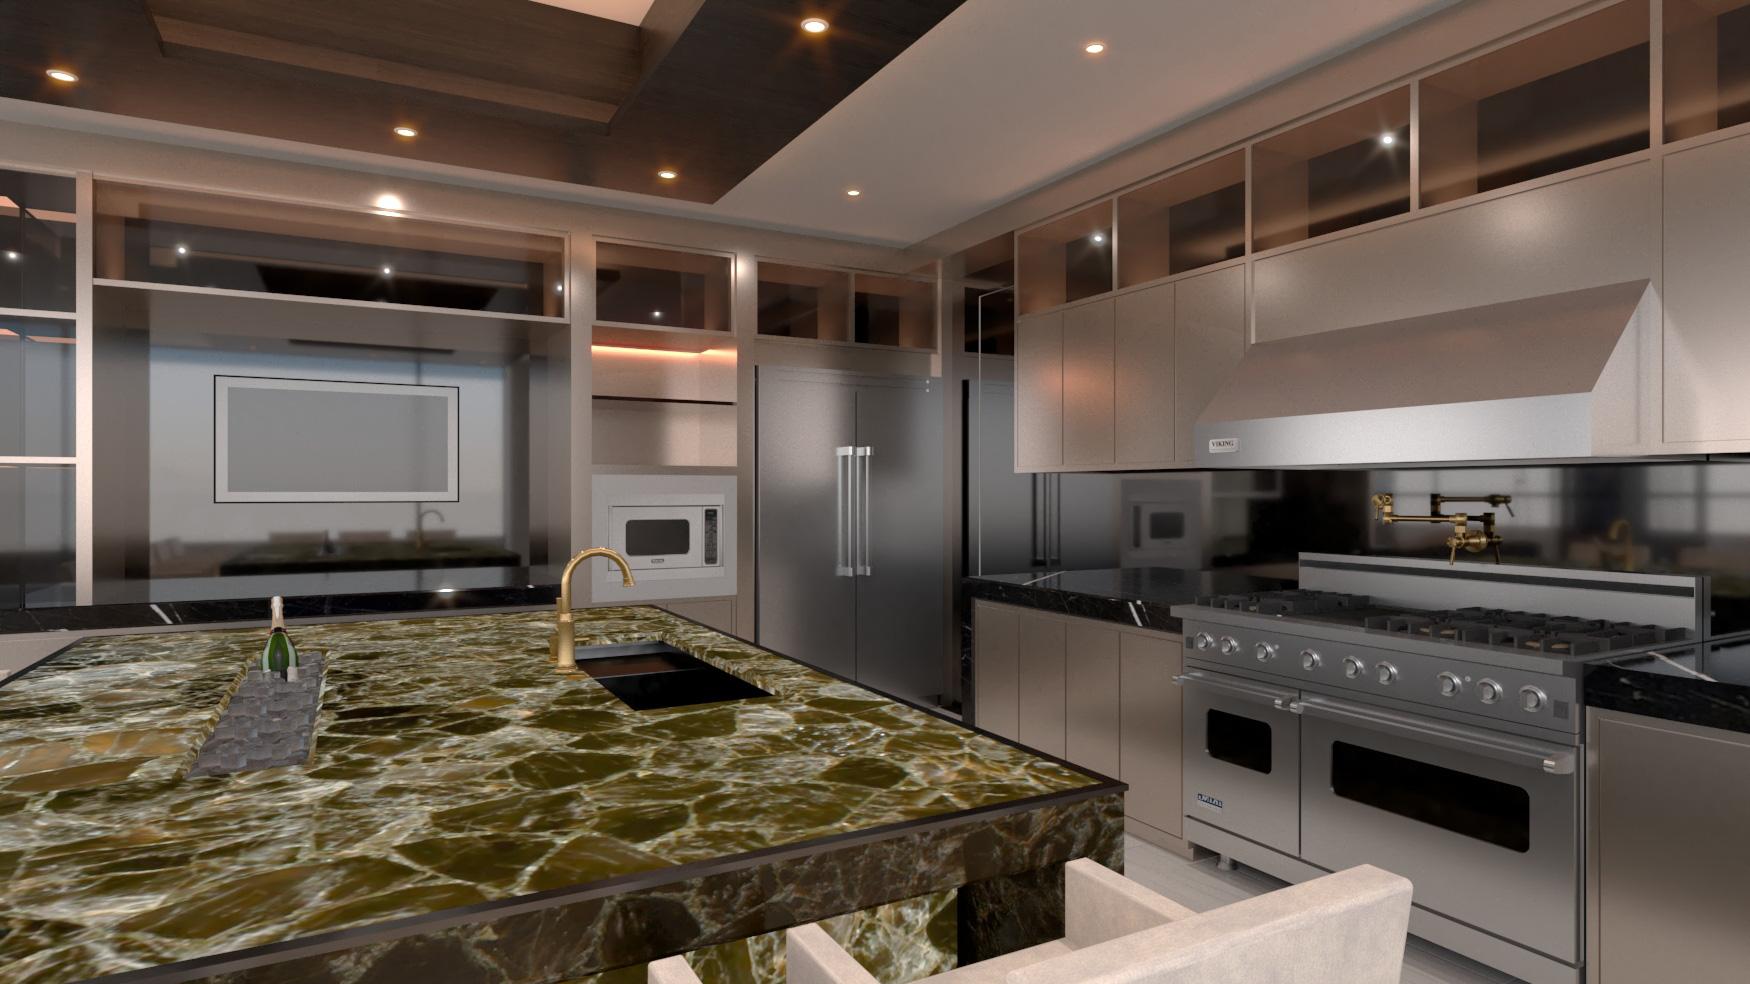 Para renovar tu cocina, lo mejor es pensar en materiales durables